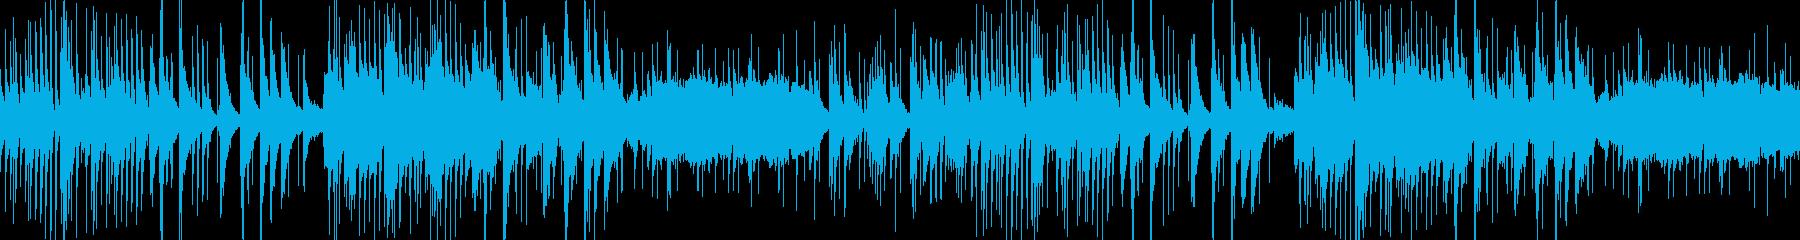 琴と和楽器による 切ない和風ループの再生済みの波形